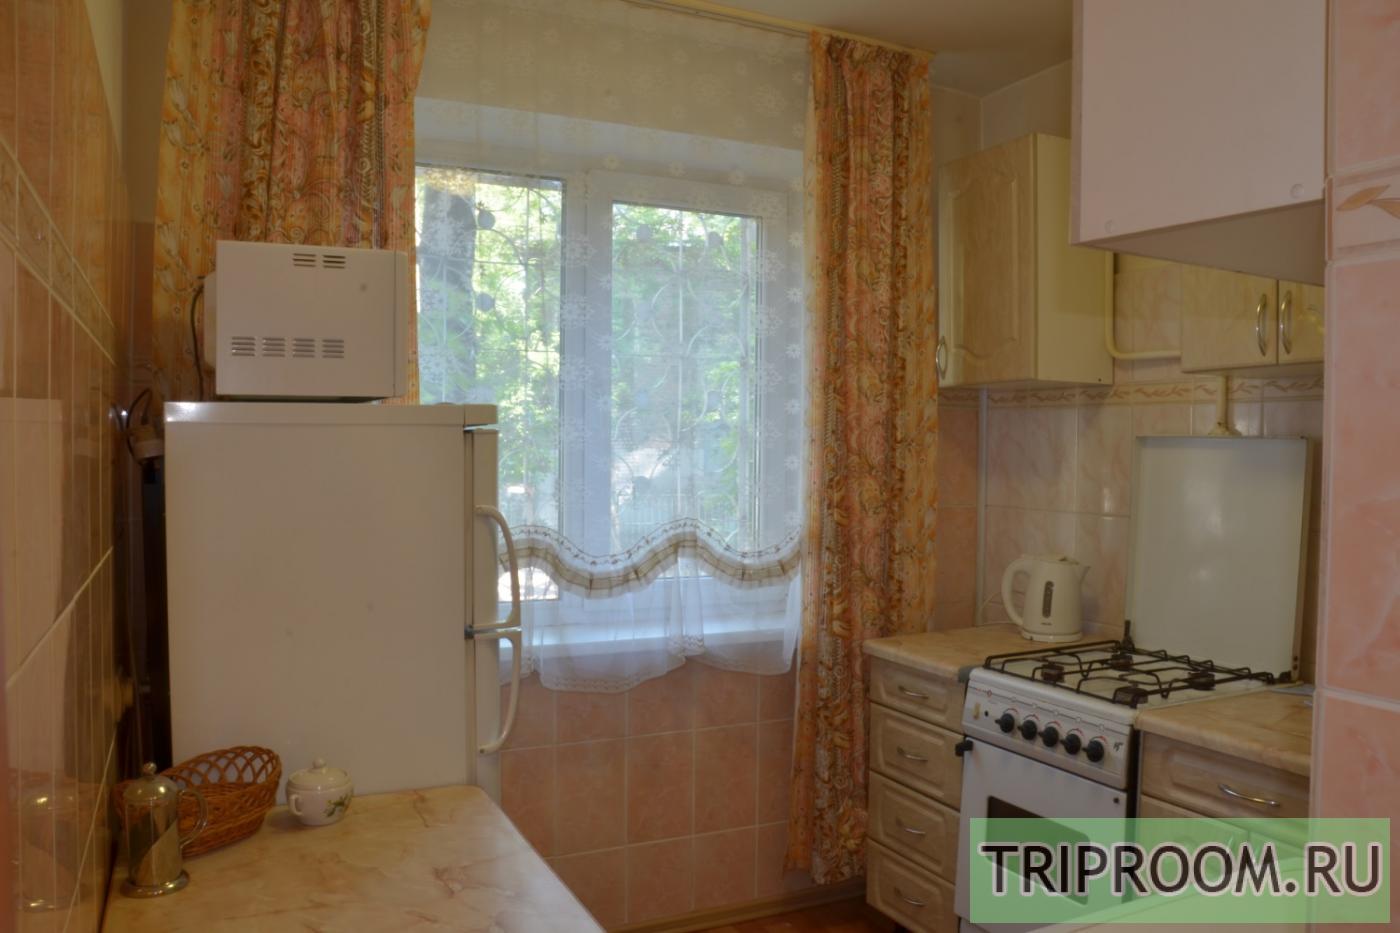 2-комнатная квартира посуточно (вариант № 10577), ул. Тимирязева улица, фото № 6